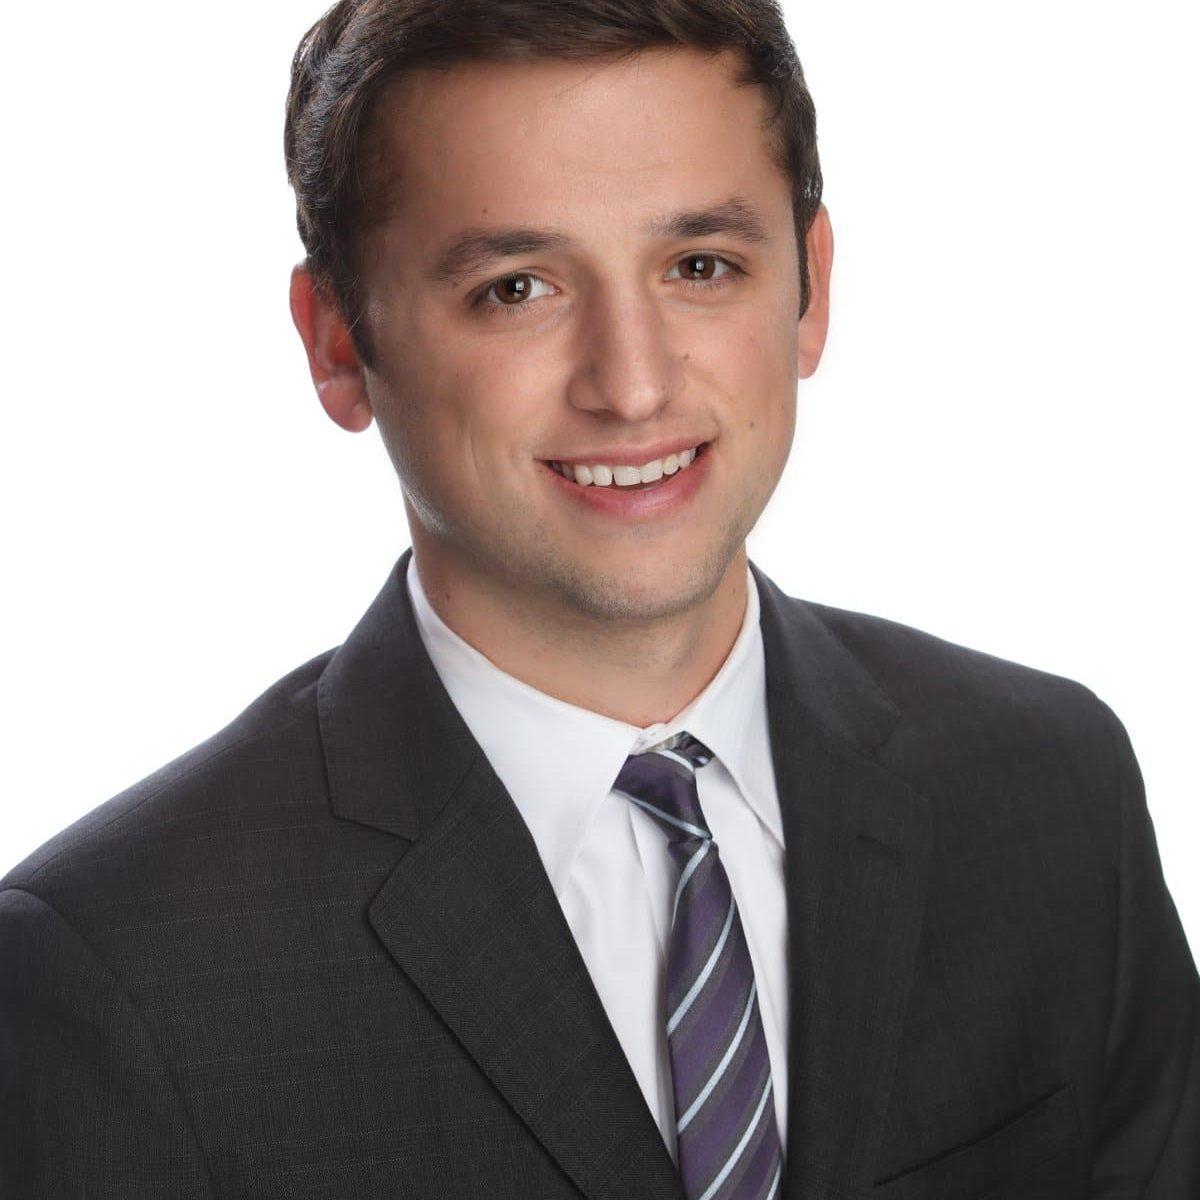 Sam Blechman